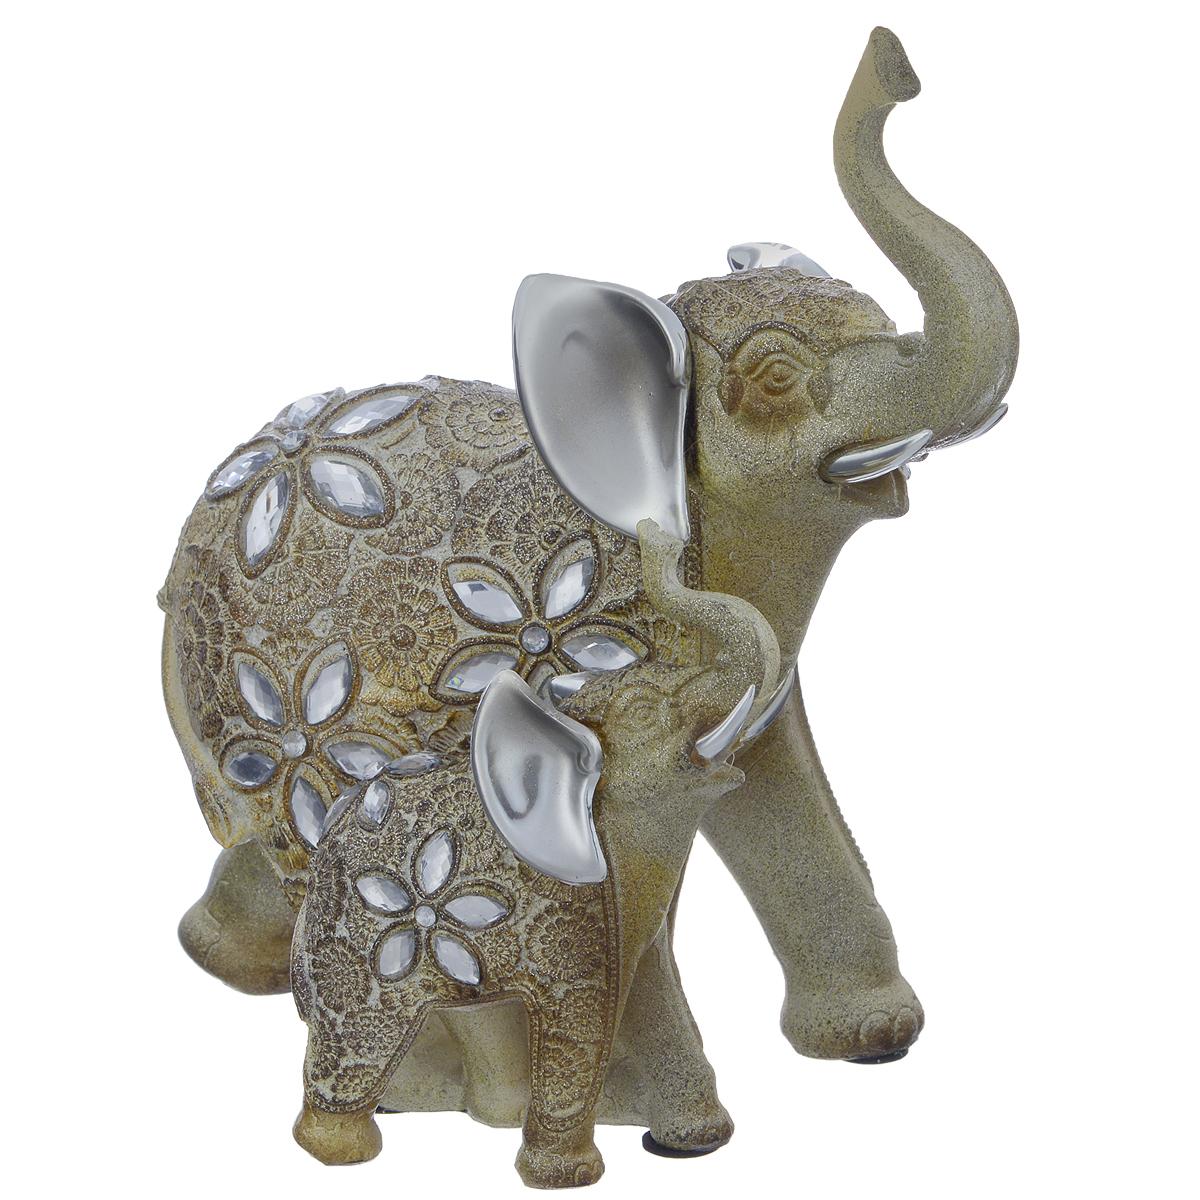 Фигурка декоративная Molento Блестящая семья, высота 21,5 смБрелок для ключейДекоративная фигурка Molento Блестящая семья, выполненная из полистоуна, станет отличным украшением интерьера и подчеркнет его изысканность. Изделие, выполненное в виде двух слонов, украшено рельефными цветочными узорами и стразами. Такая фигурка всегда сможет послужить приятным подарком для ваших друзей и близких. Размер фигурки: 18,5 см х 11 см х 21,5 см.